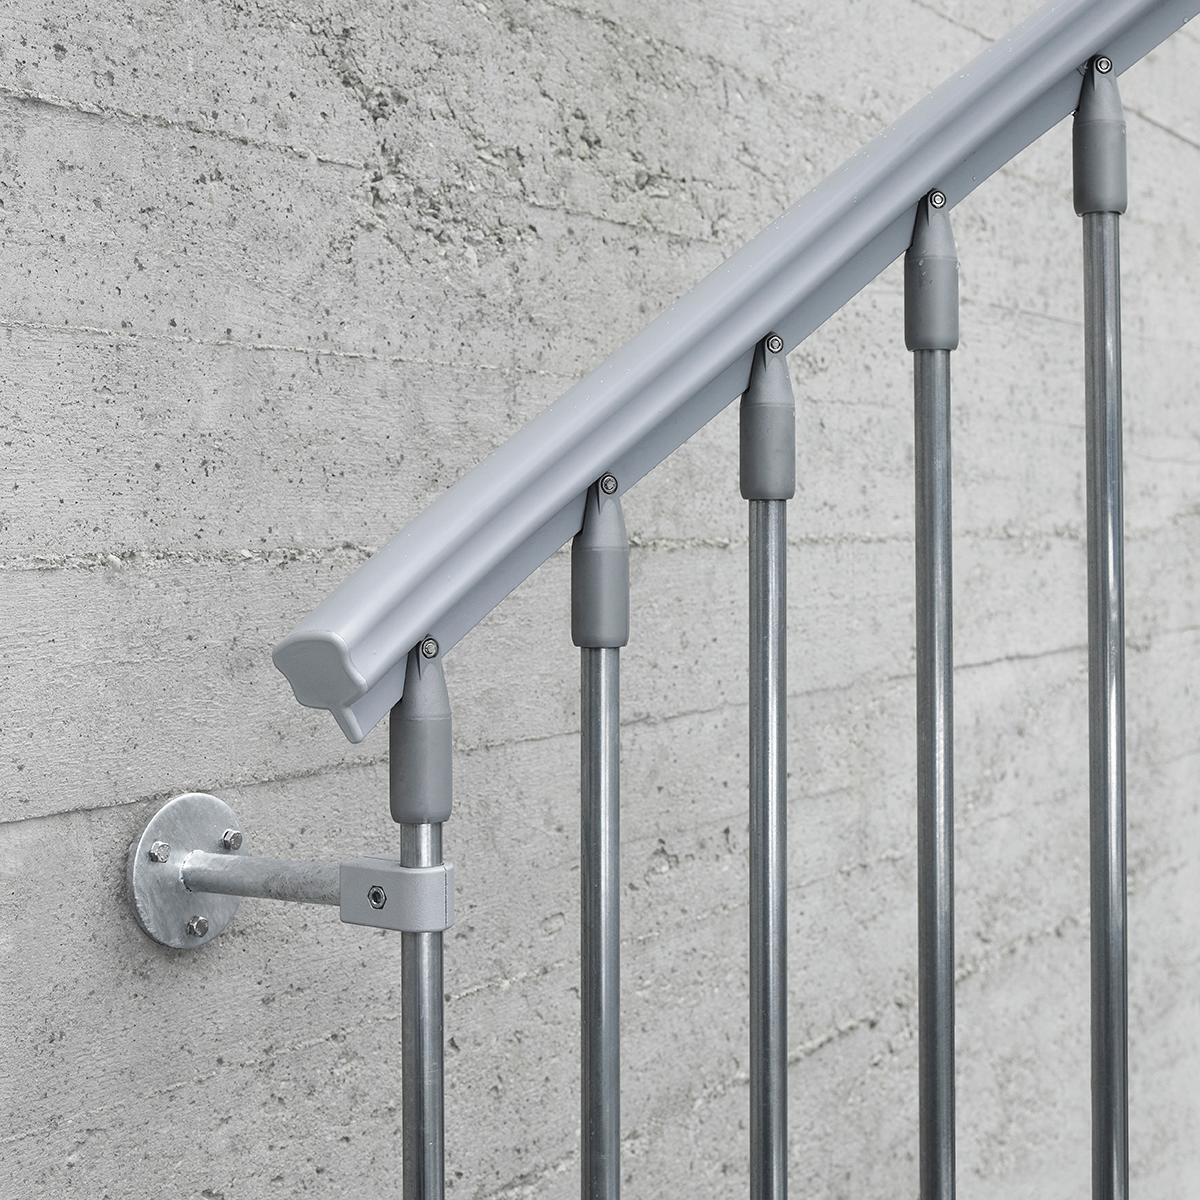 Scala a chiocciola tonda Steel Zink FONTANOT L 140 cm, gradino grigio zincato, struttura grigio zincato - 4